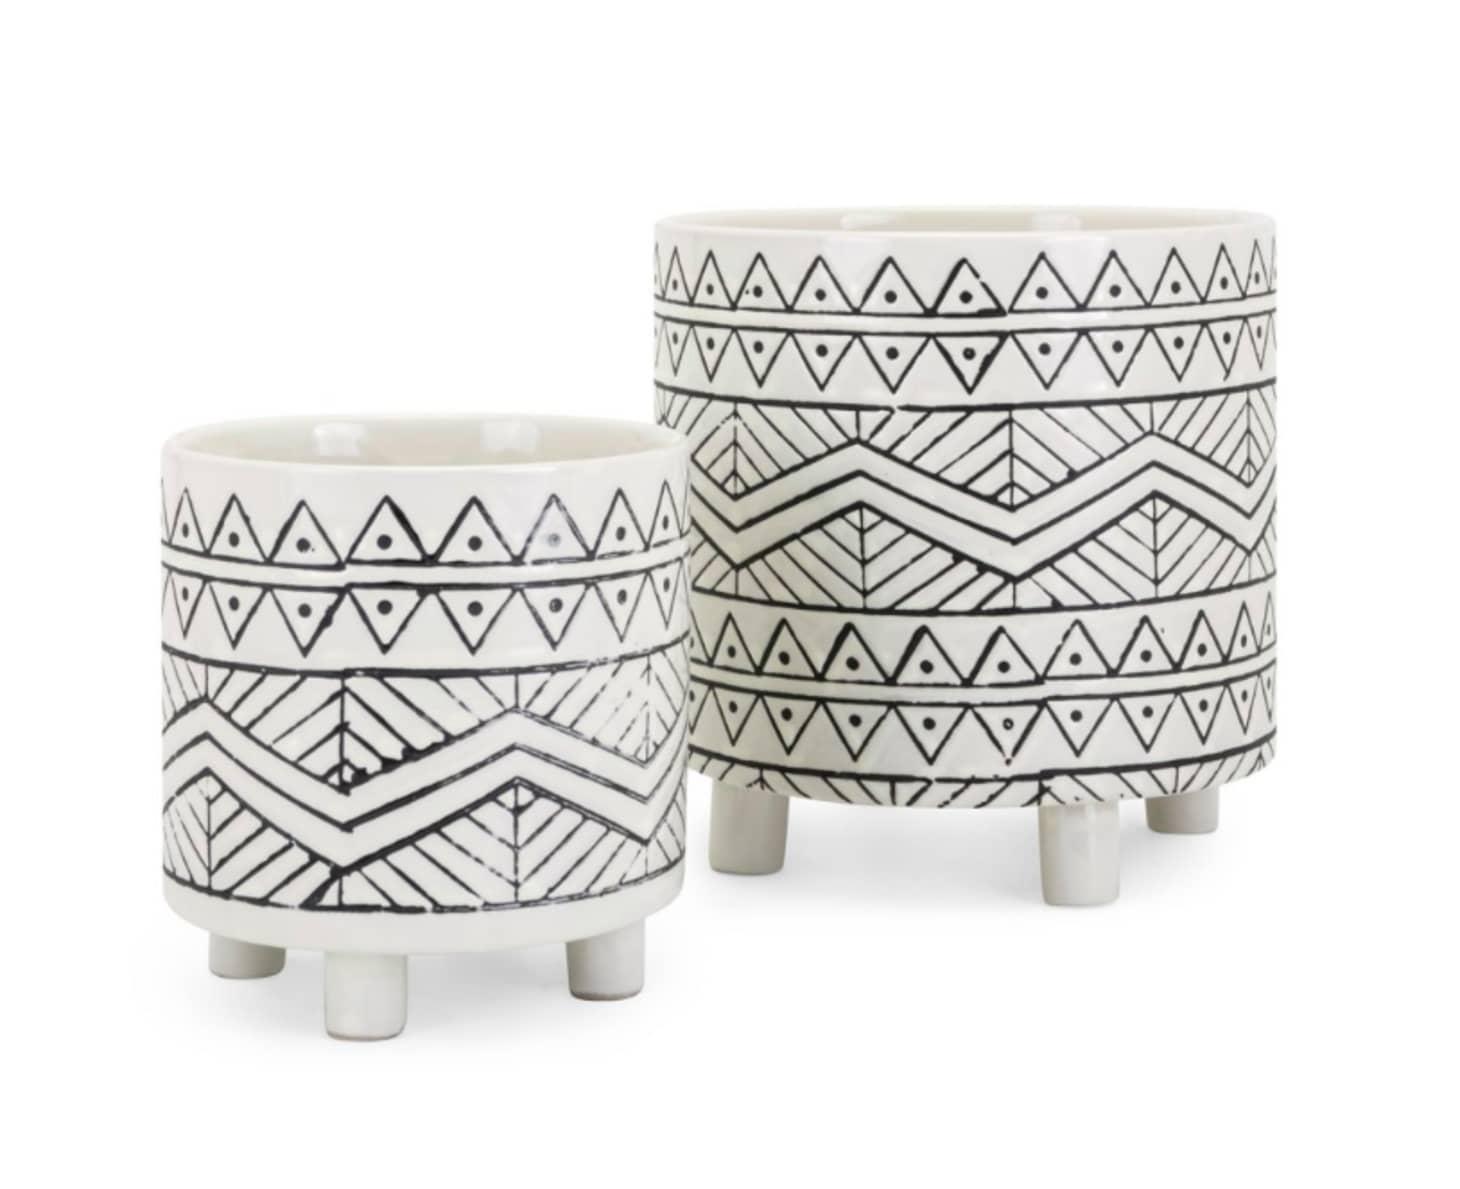 Phenomenal Black And White Design Ideas Black And White Decor Short Links Chair Design For Home Short Linksinfo